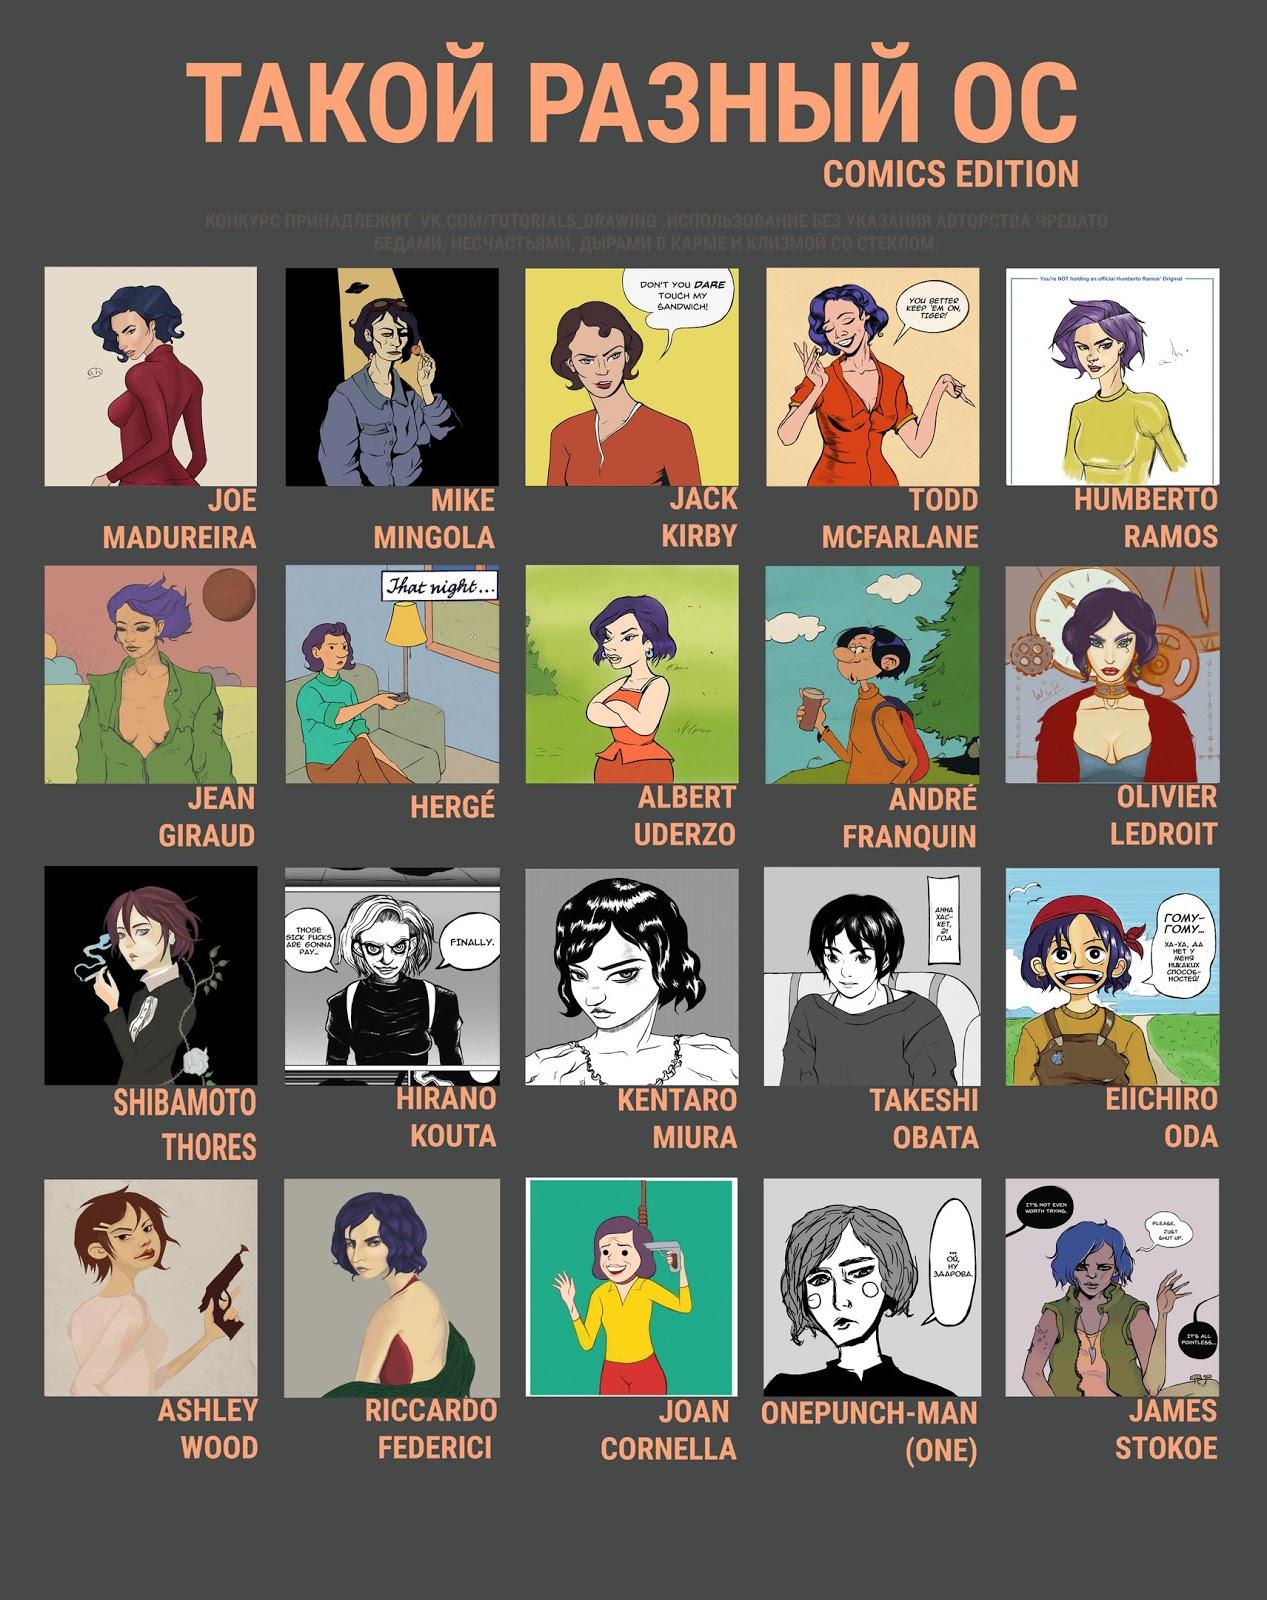 Изображение одного персонажа в разных стилях за авторством Анны Антоновой